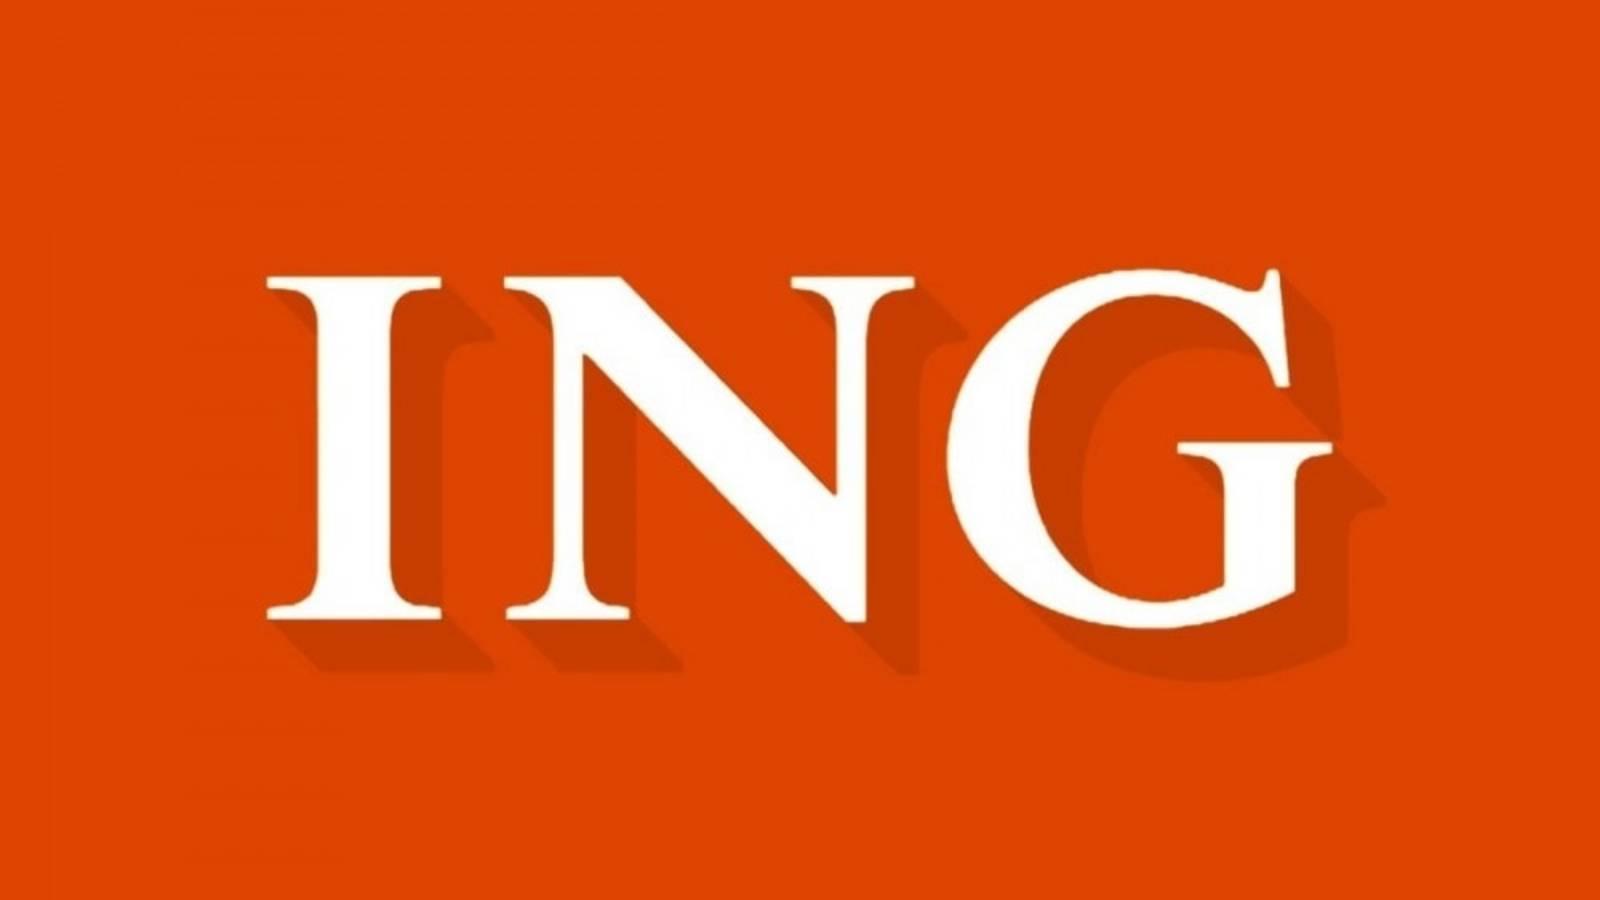 ING Bank notificari